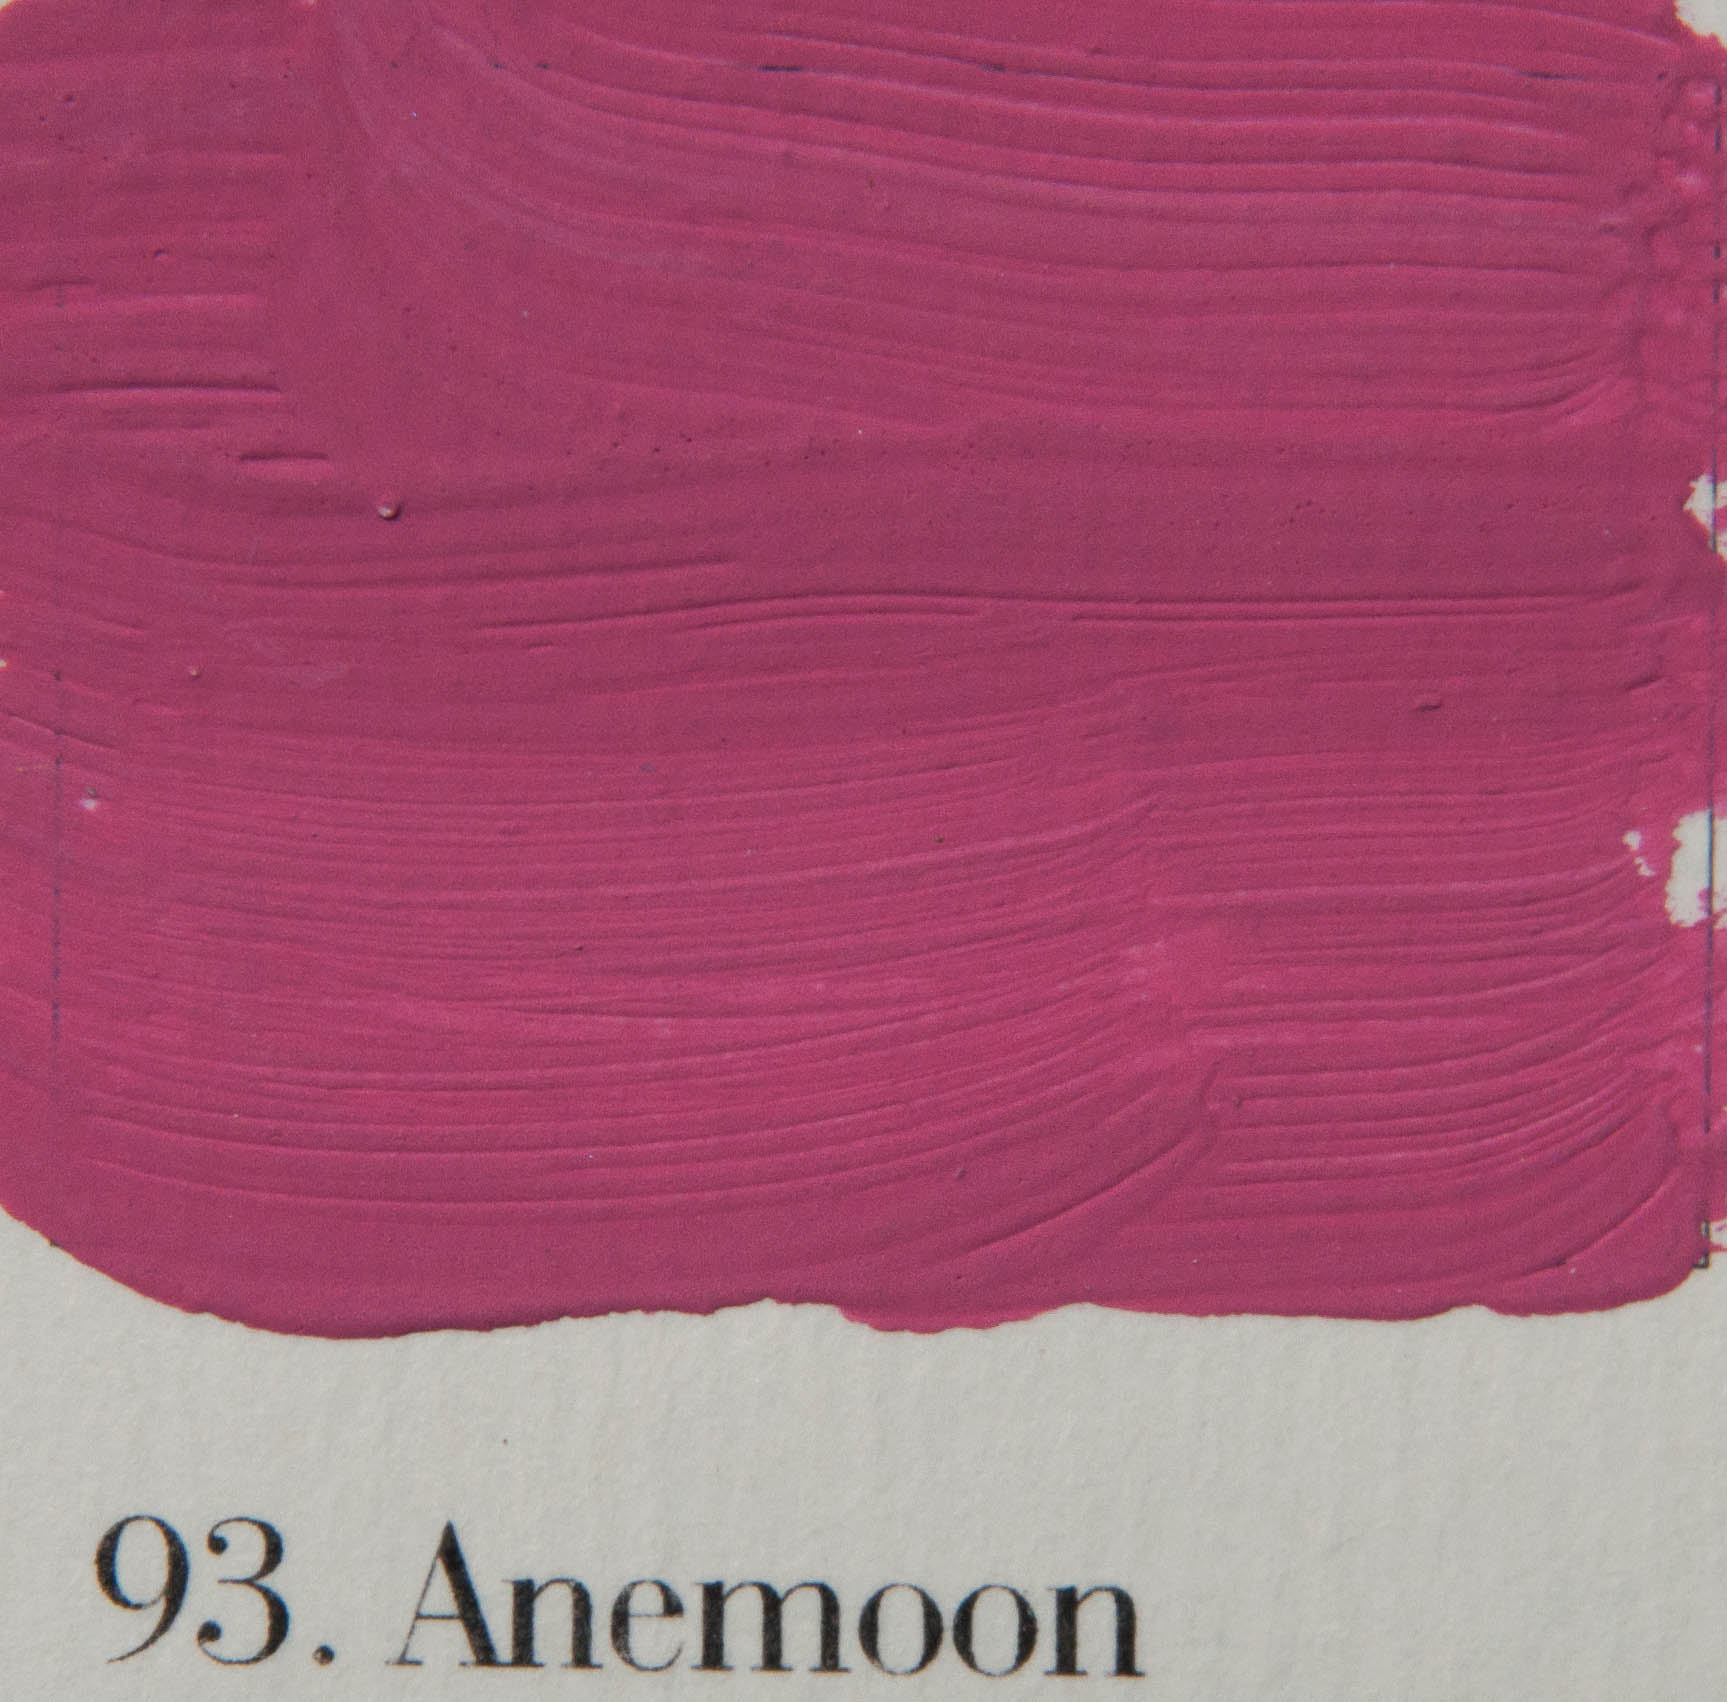 'l Authentique krijtverf 93. Annemoon